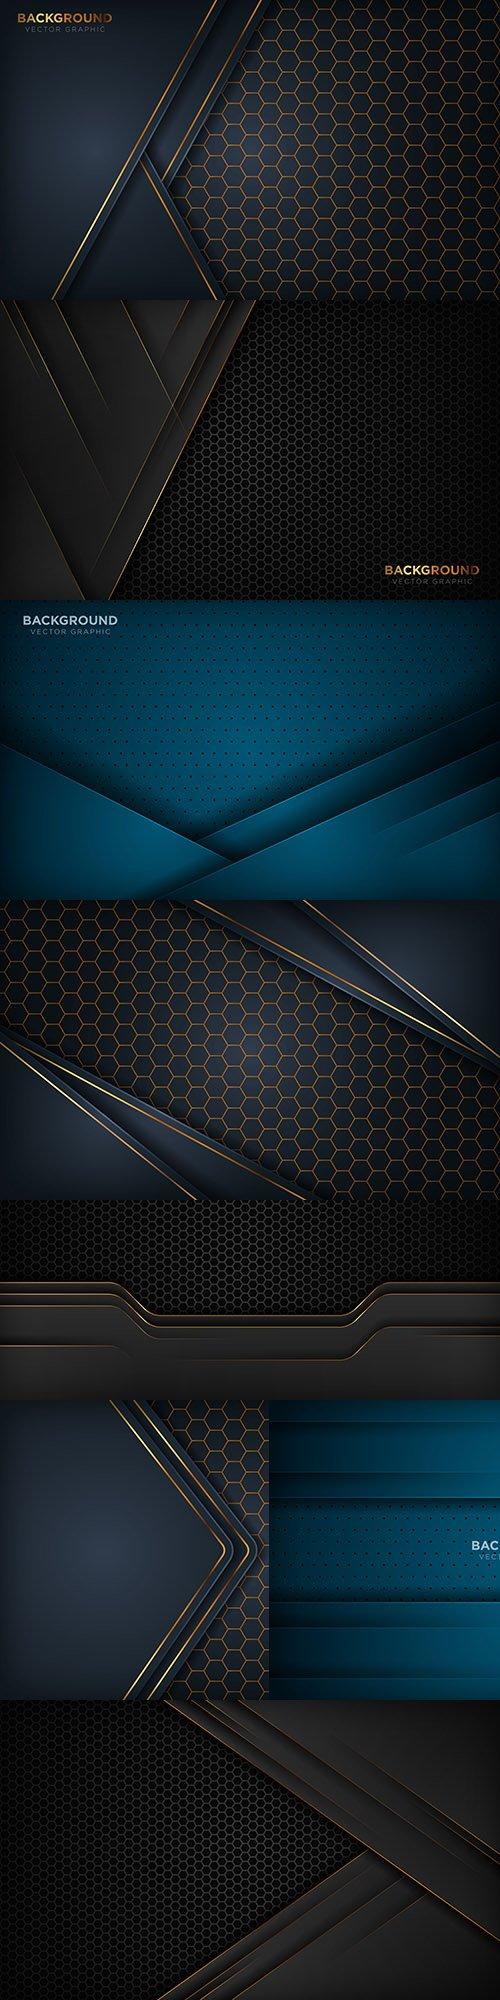 Dark background and gold design decorative element 12